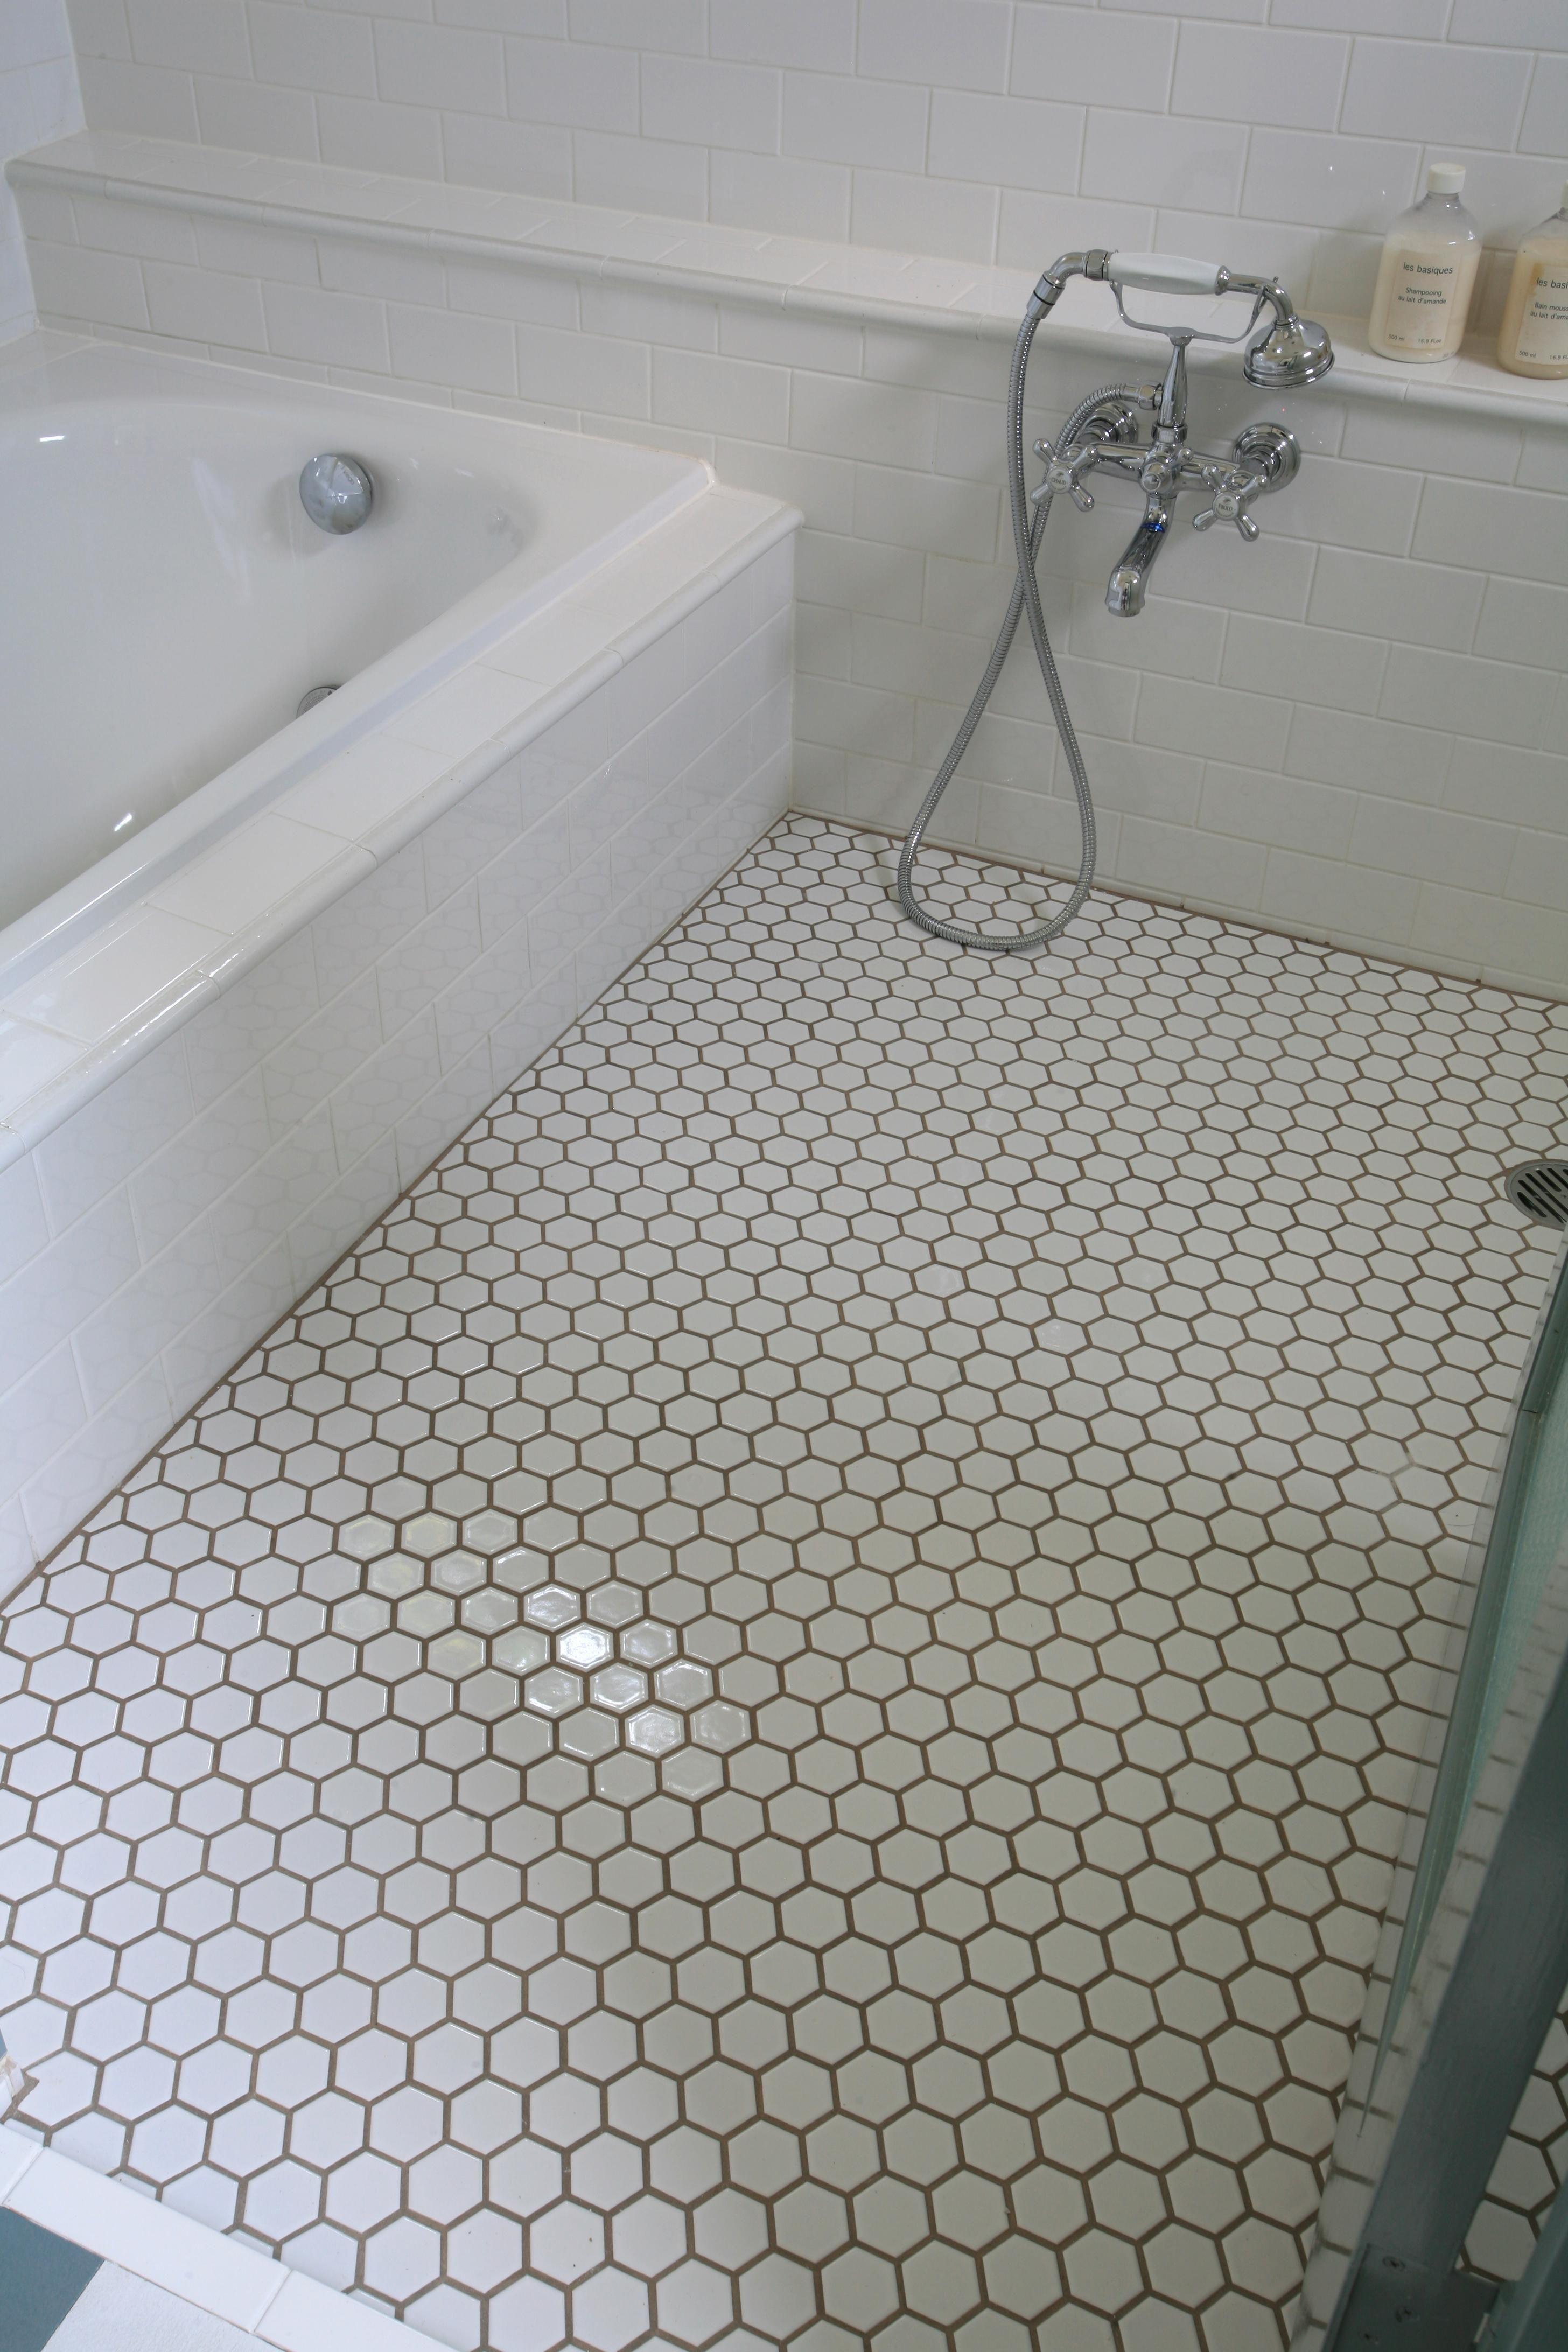 専門家 が手掛けた 六角タイルのバスルーム床材 M邸 の詳細ページ